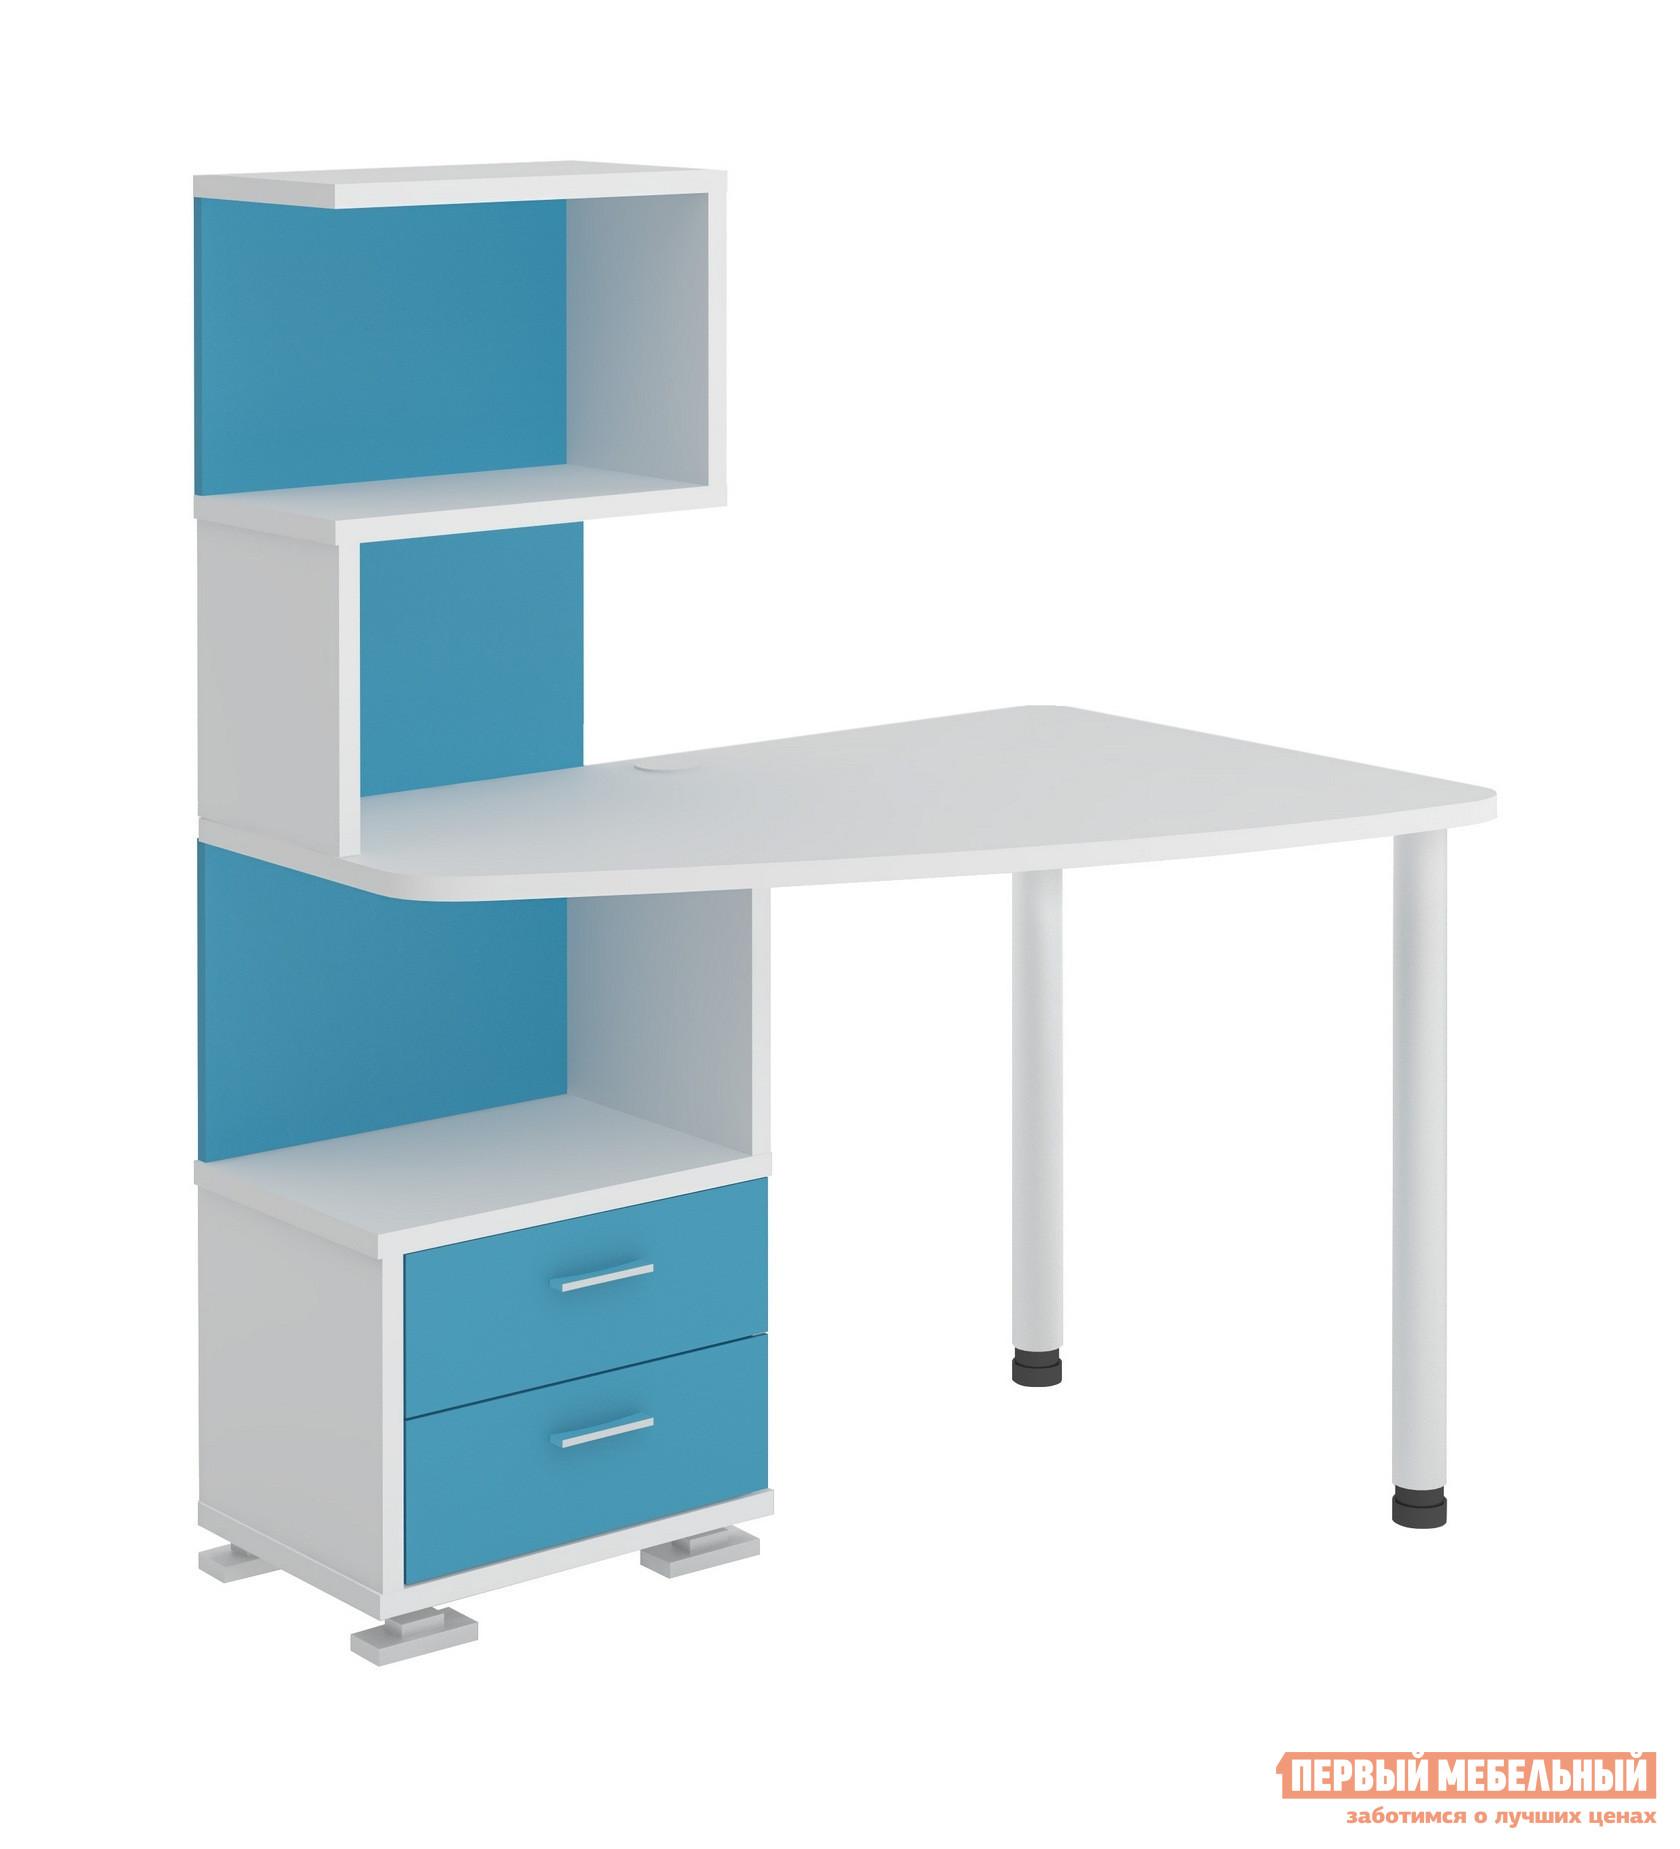 Угловой компьютерный стол с надстройкой и ящиками полярис мр.